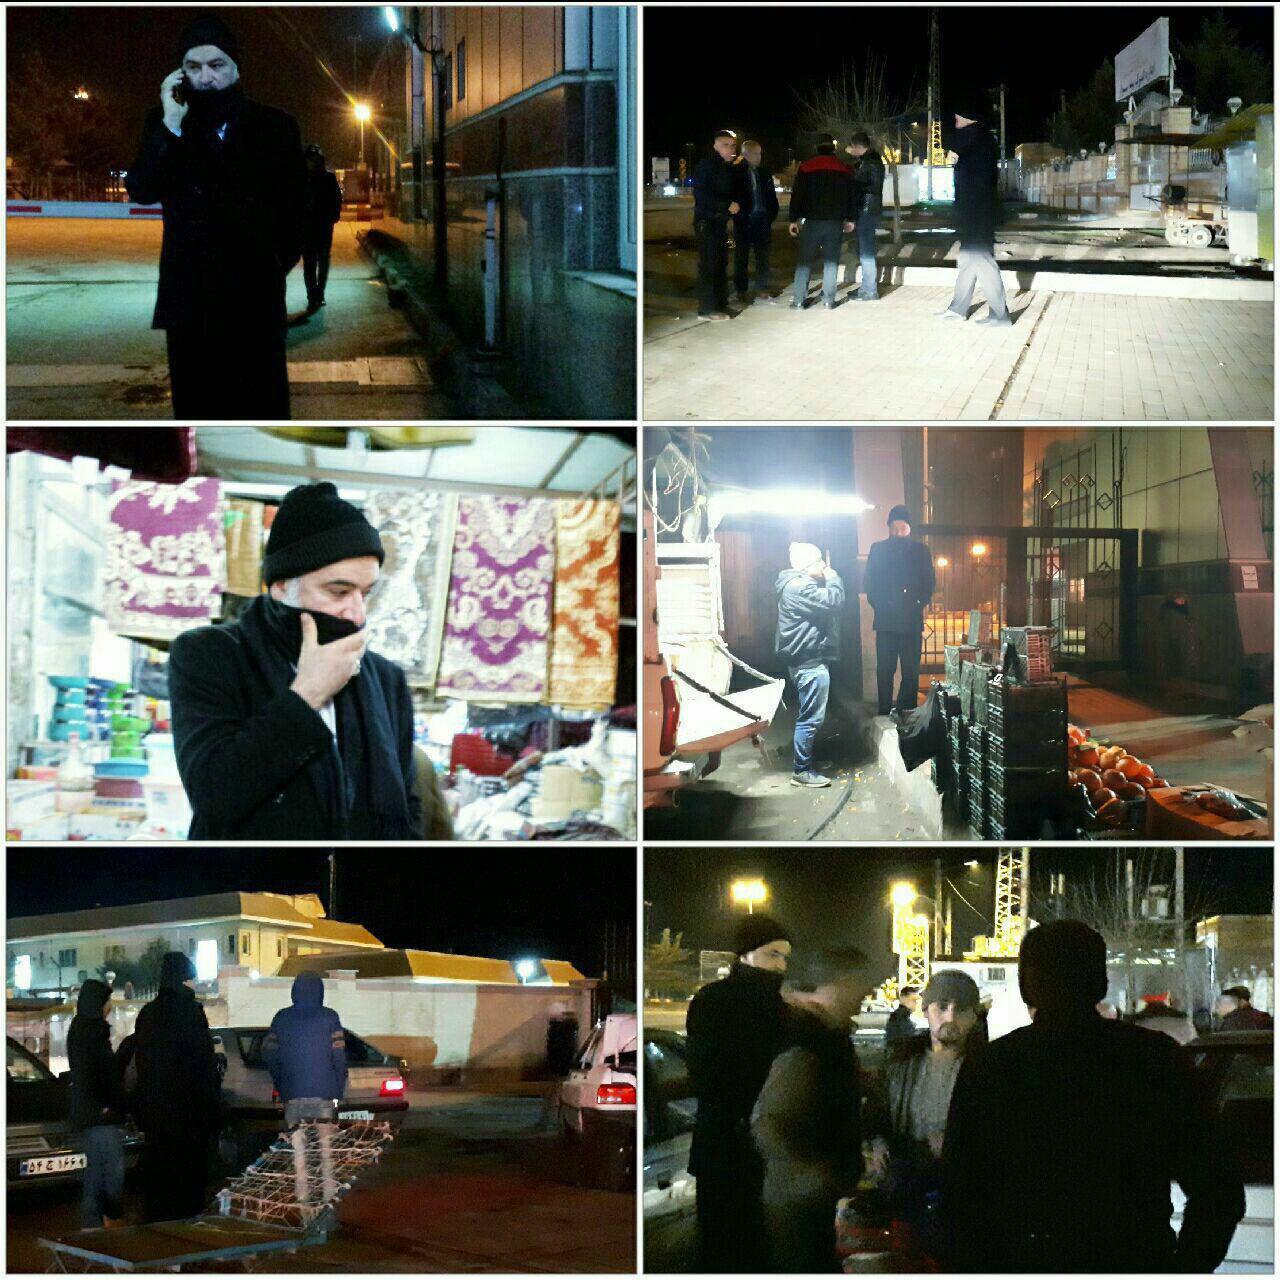 امام جمعه بیله سوار اردبیل با لباس مبدل در گمرک این شهر حاضر شد +تصاویر